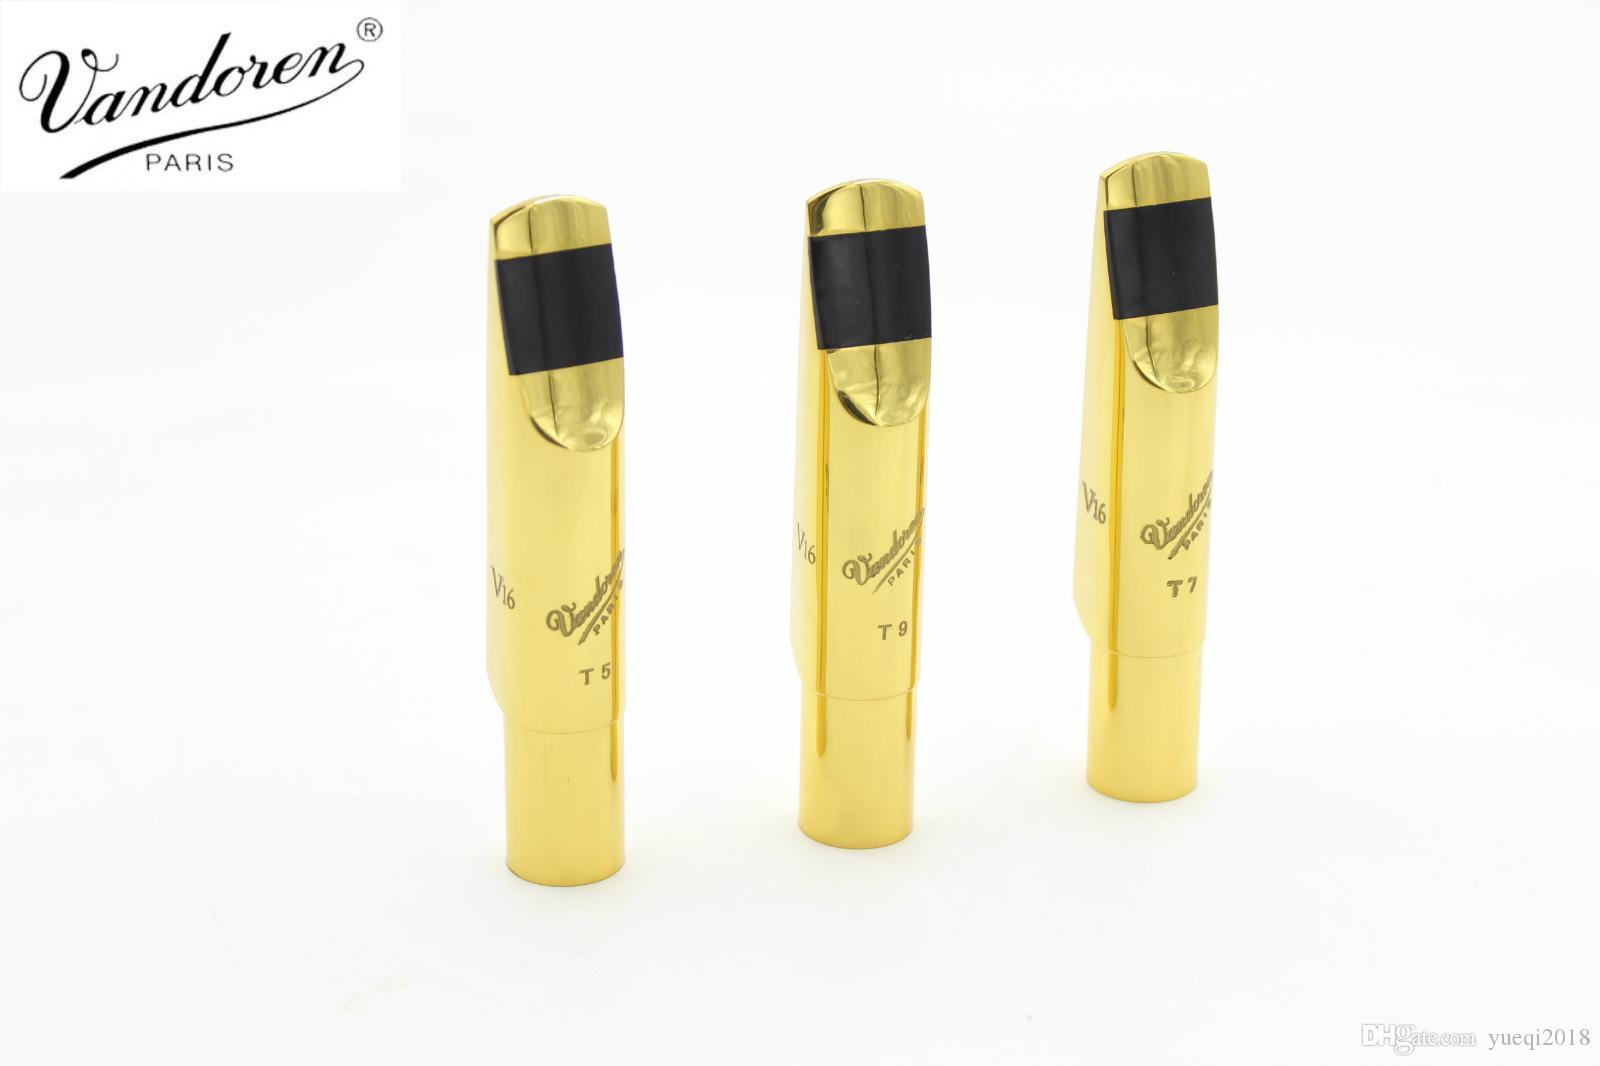 جديد vandoren v16 سلسلة ألتو تينور سوبرانو ساكسفون جودة عالية المعبرة المعادن الذهب ورنيش حجم 5 6 7 8 9 الملحقات أداة